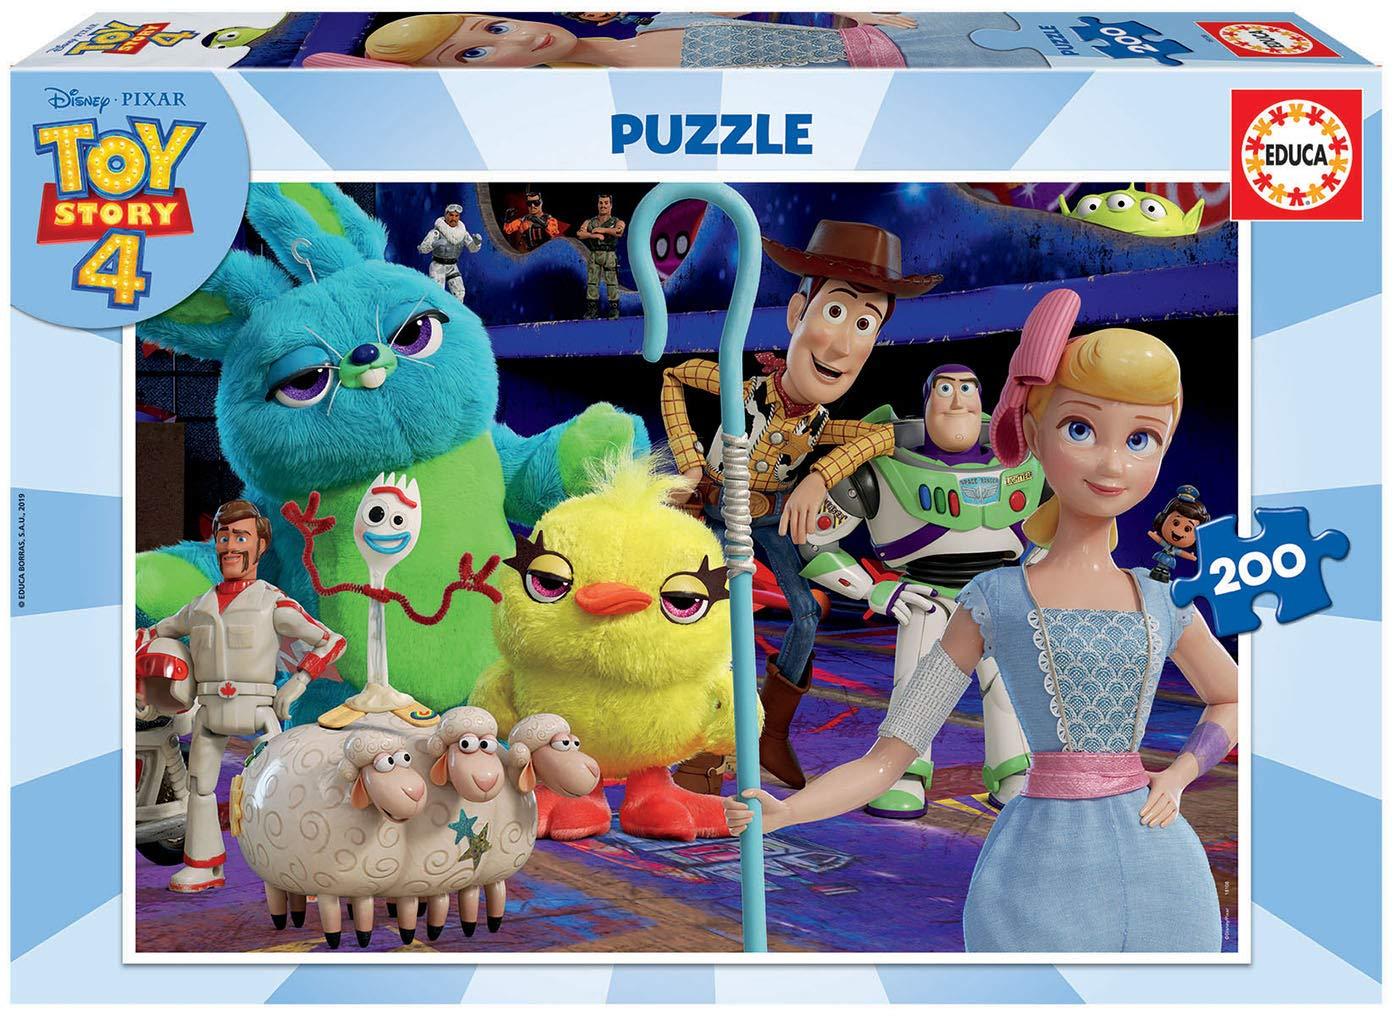 Educa- Toy Story 4 Puzzle infantil de 200 piezas, a partir de 6 años (18108): Amazon.es: Juguetes y juegos